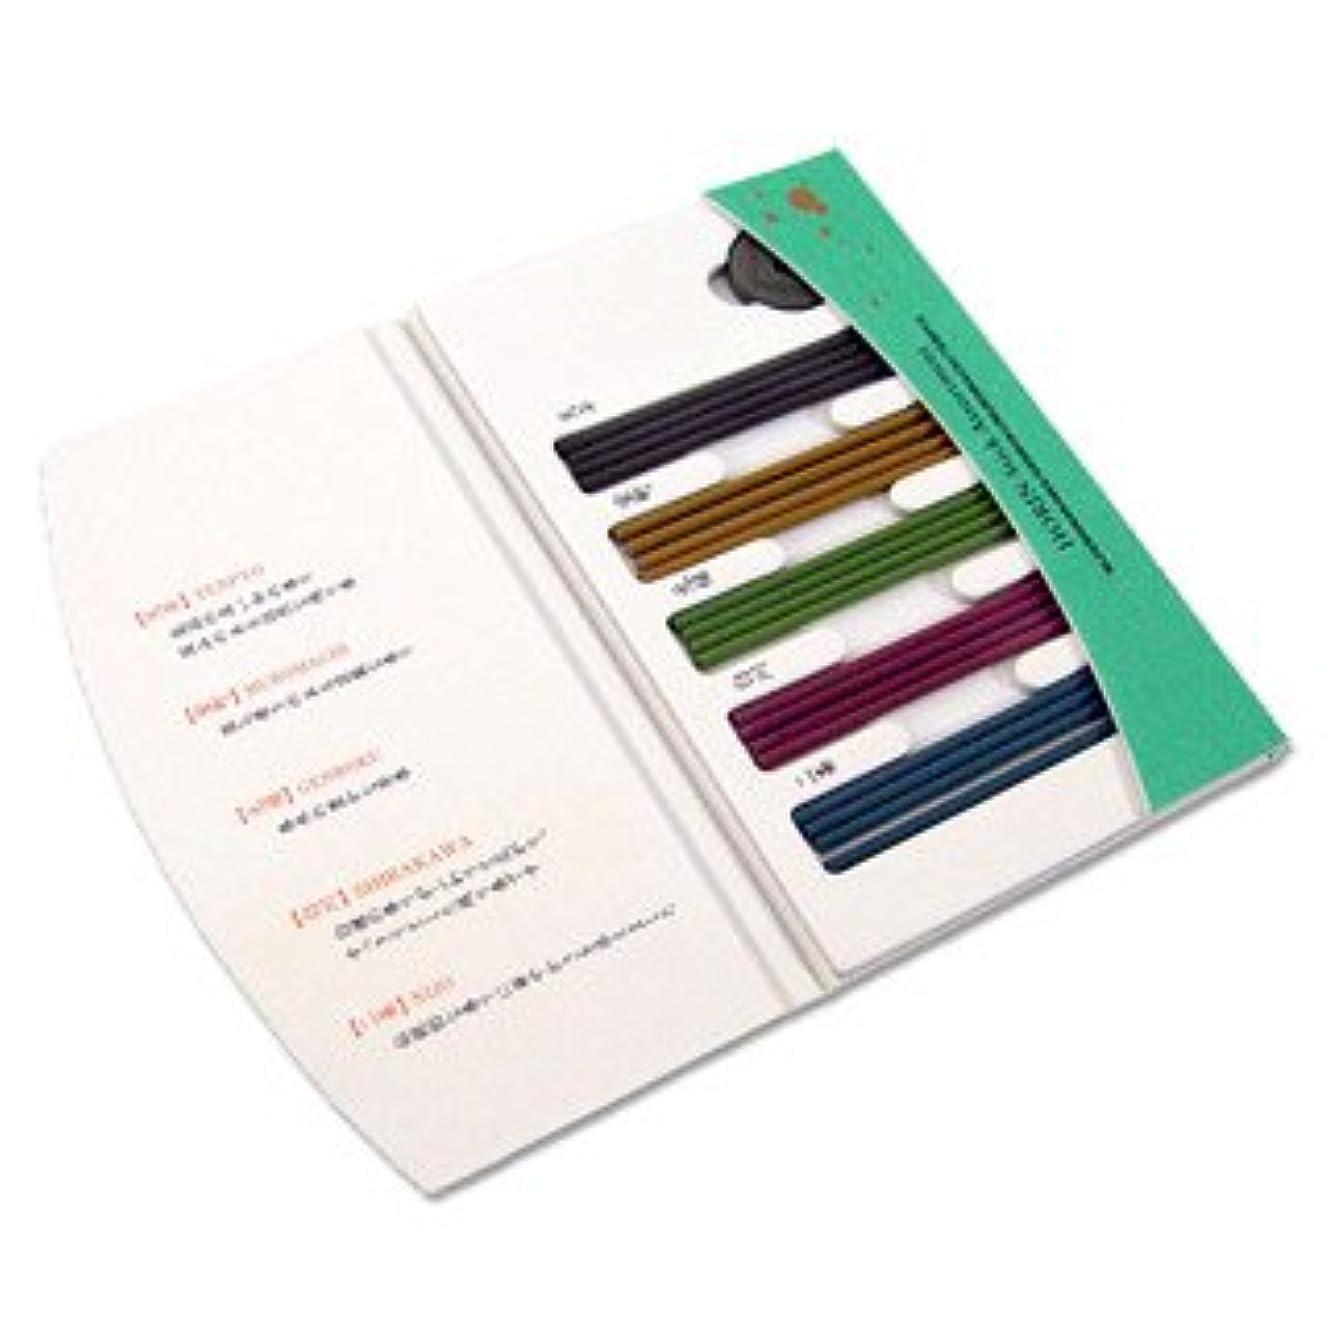 逆説変換妊娠したShoyeido's Horin Incense Assortment - 20 Sticks, New.